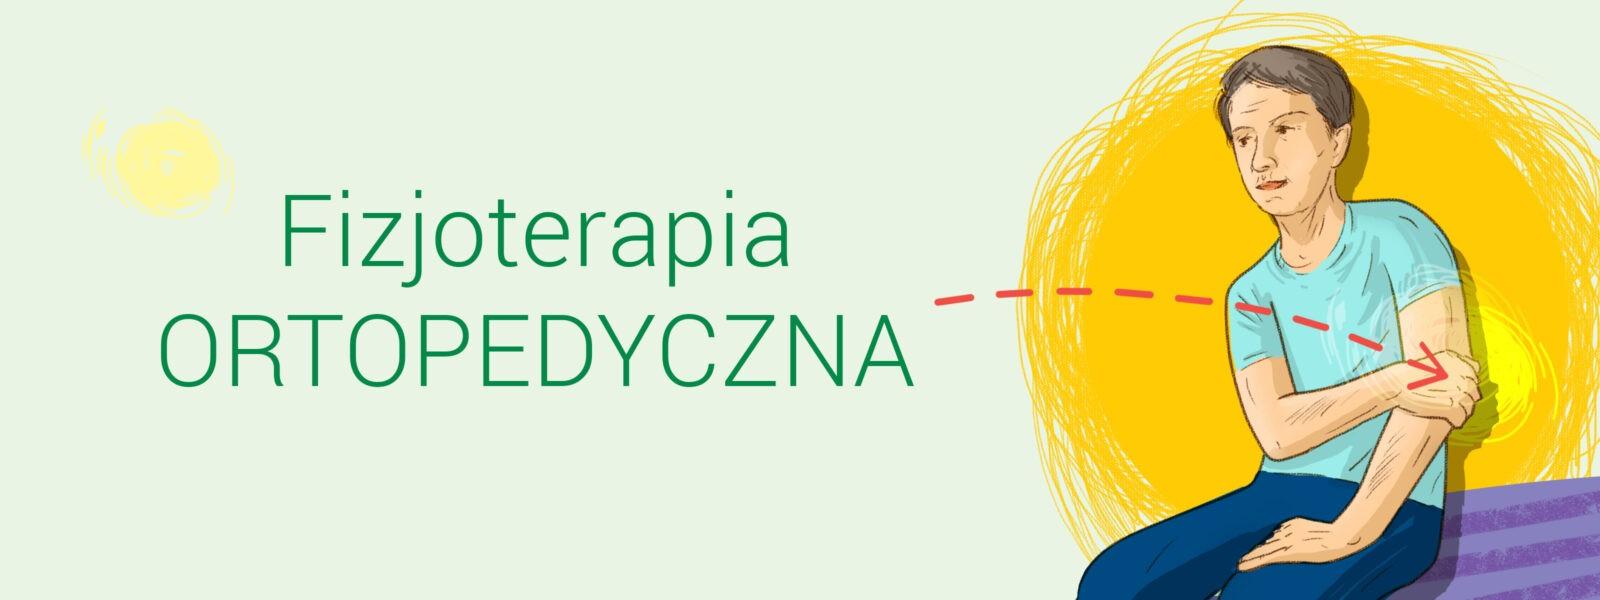 Fizjoterapia ortopedyczna Fizjoterapia Panaceum Kraków Paweł Czarnocki